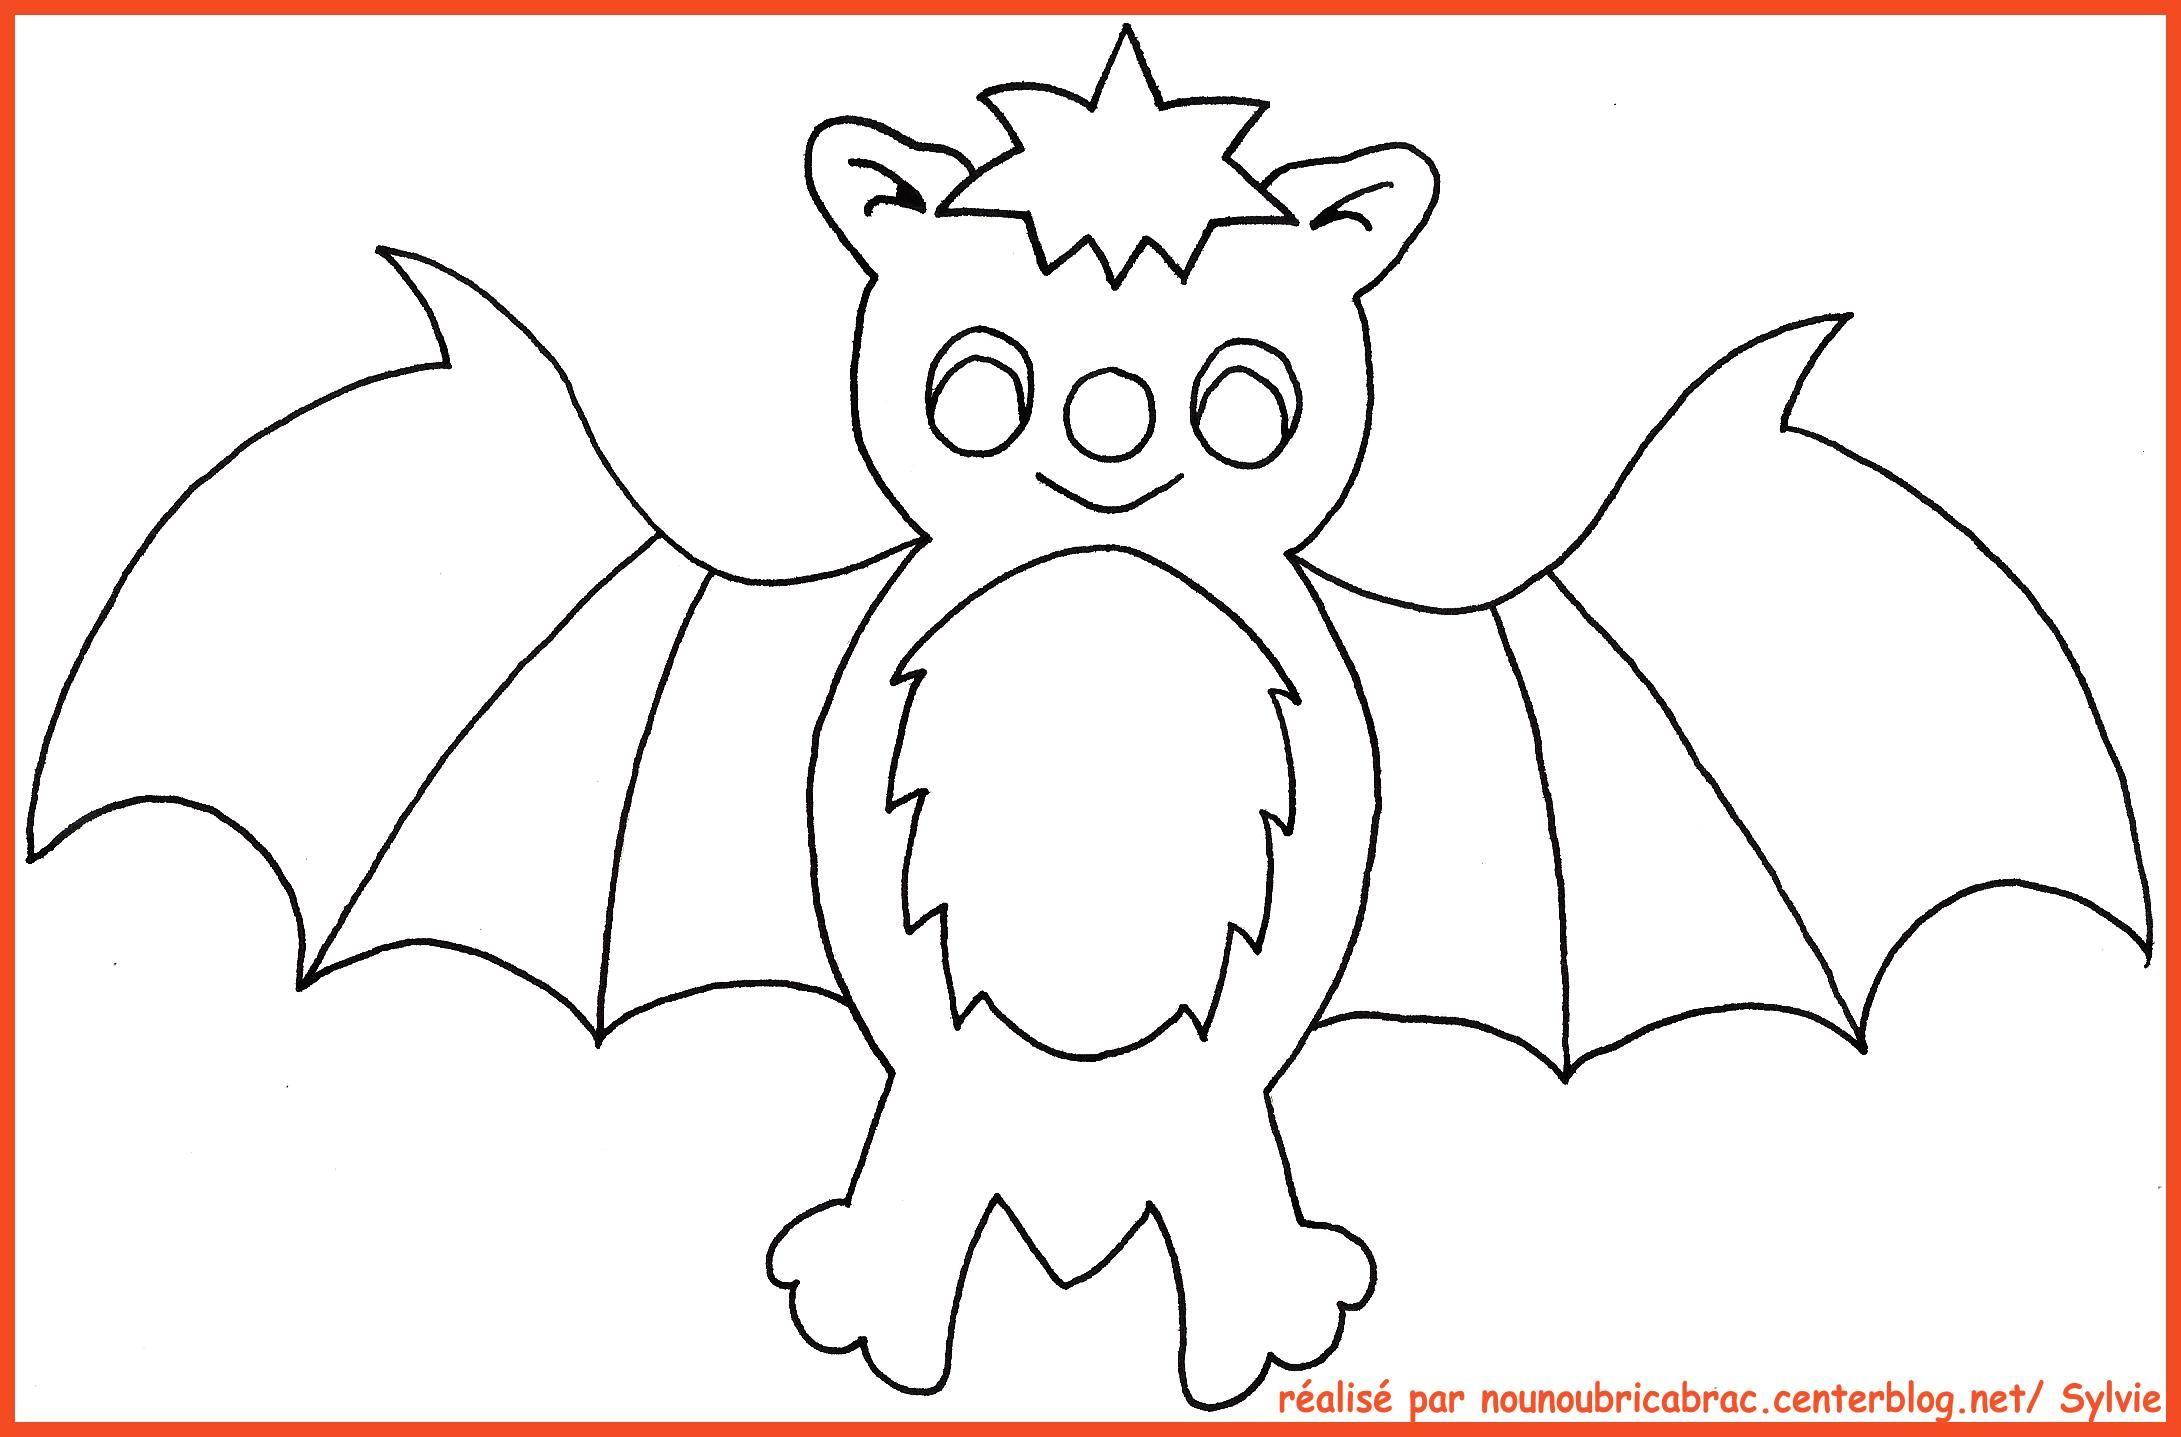 Coloriage Cendrillon Souris.Coloriage Cendrillon Souris Recherche Google Halloween